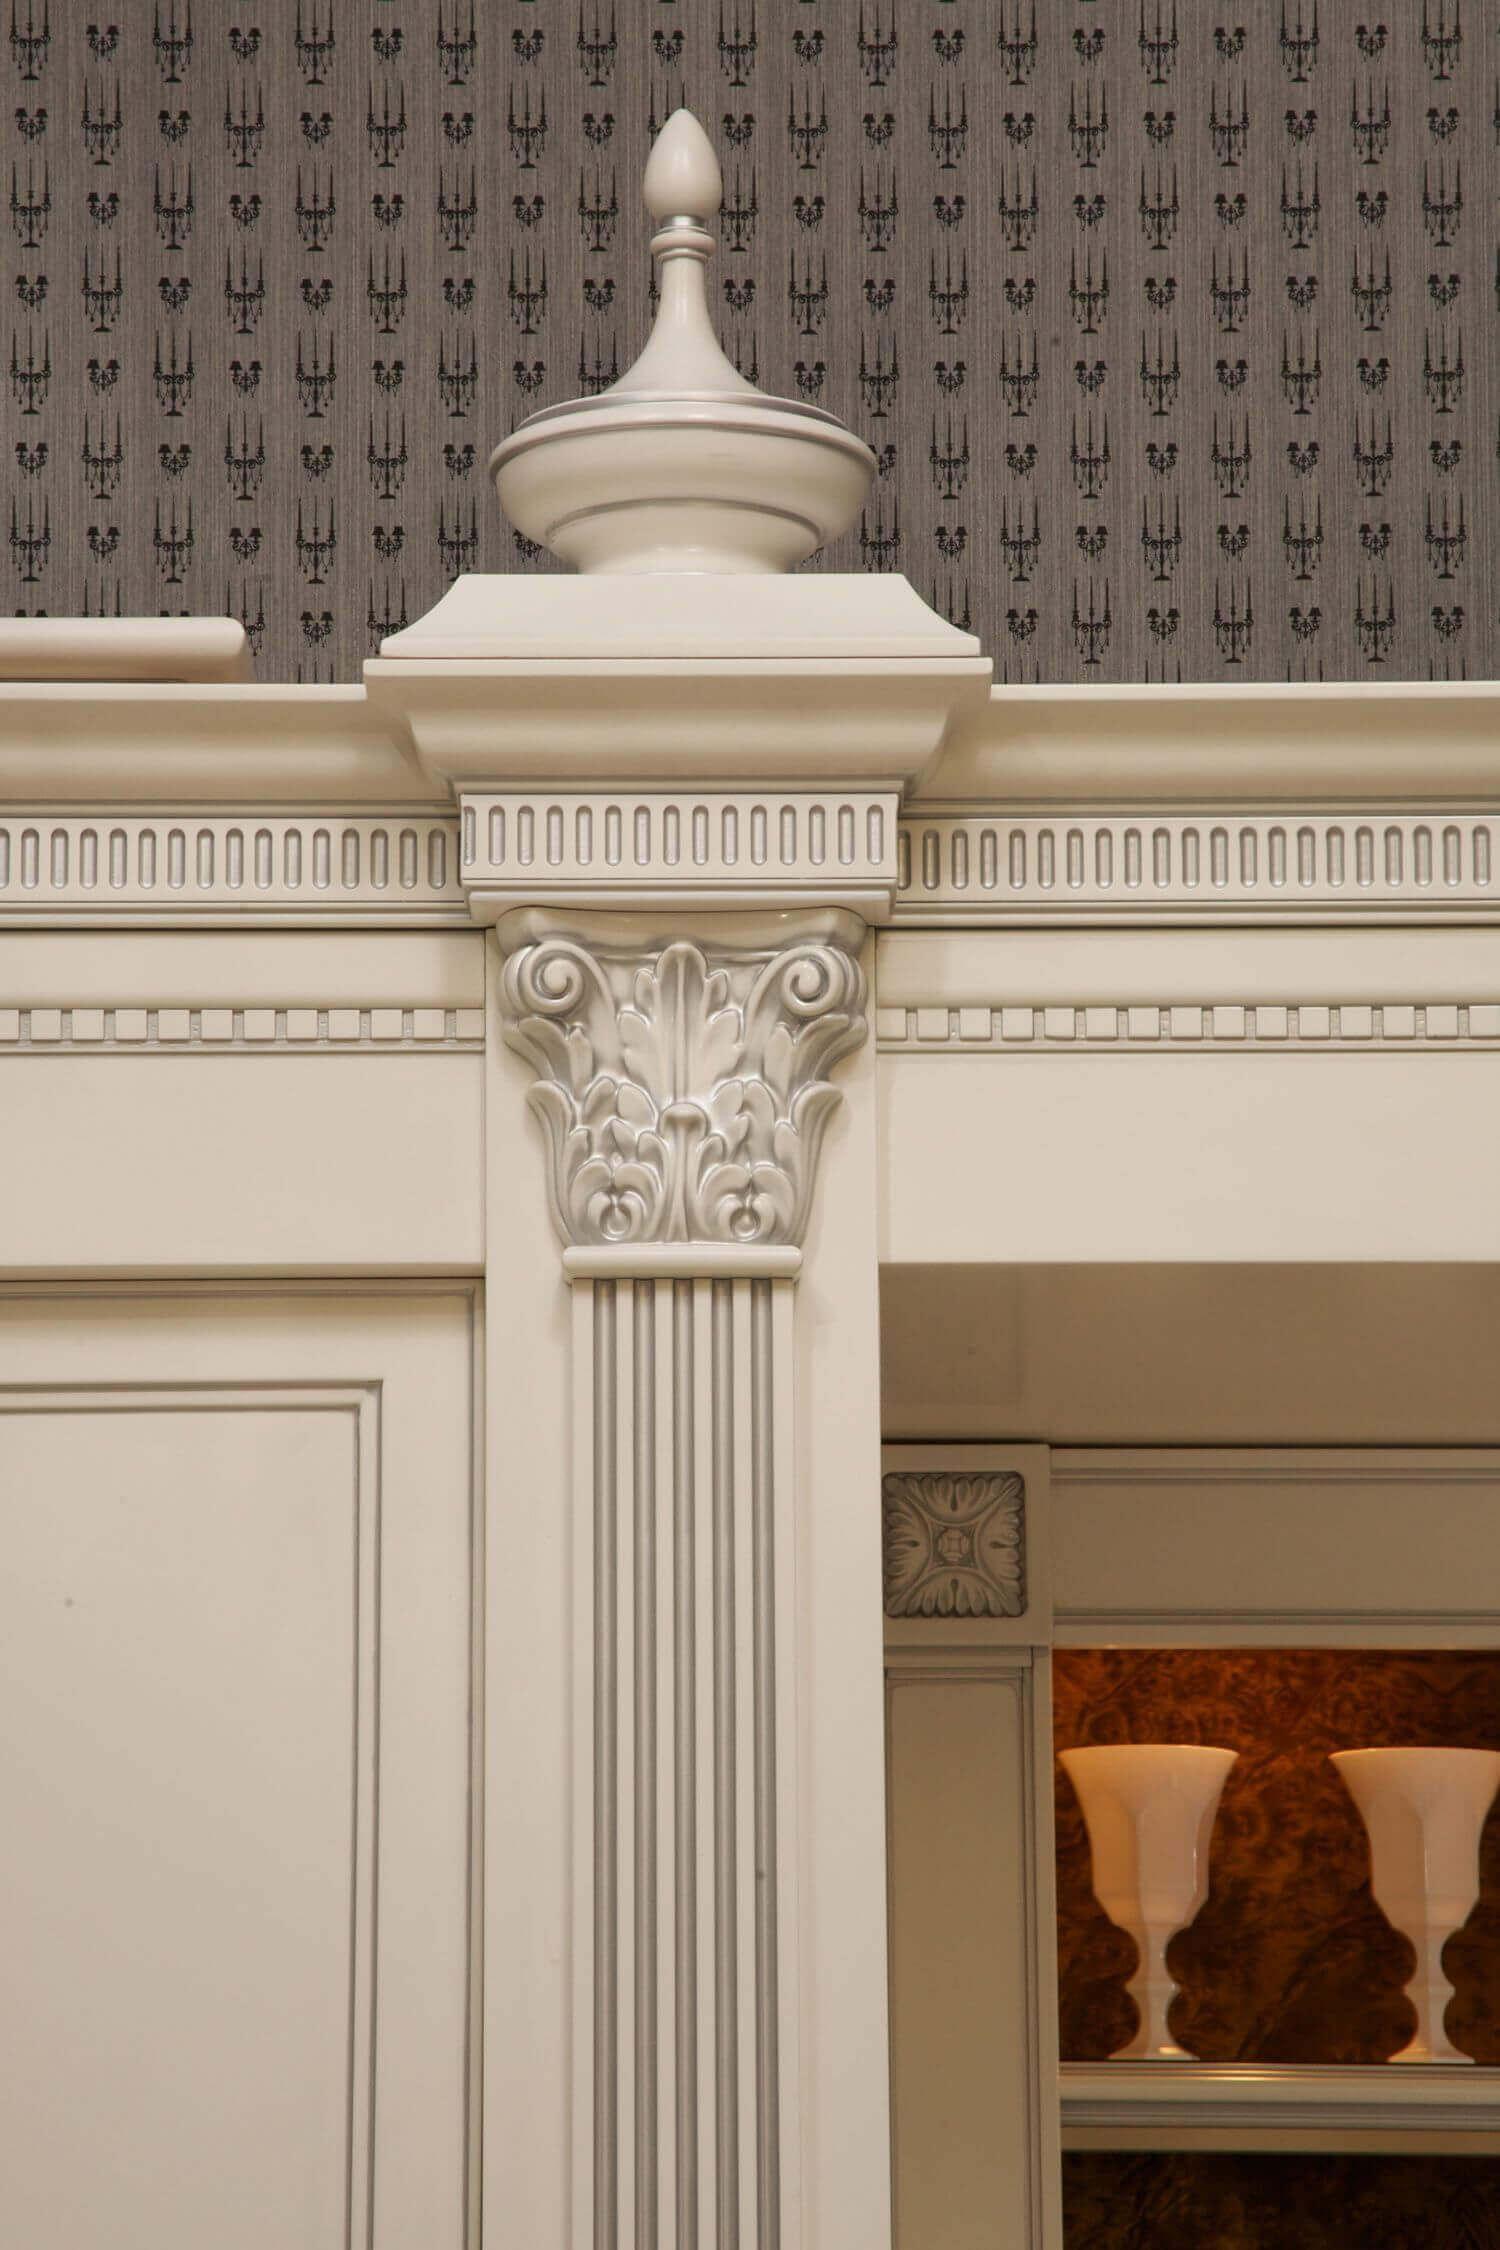 Пилястры на фасаде и в интерьере дома - фото, материалы, купить по лучшей цене • [артфасад]